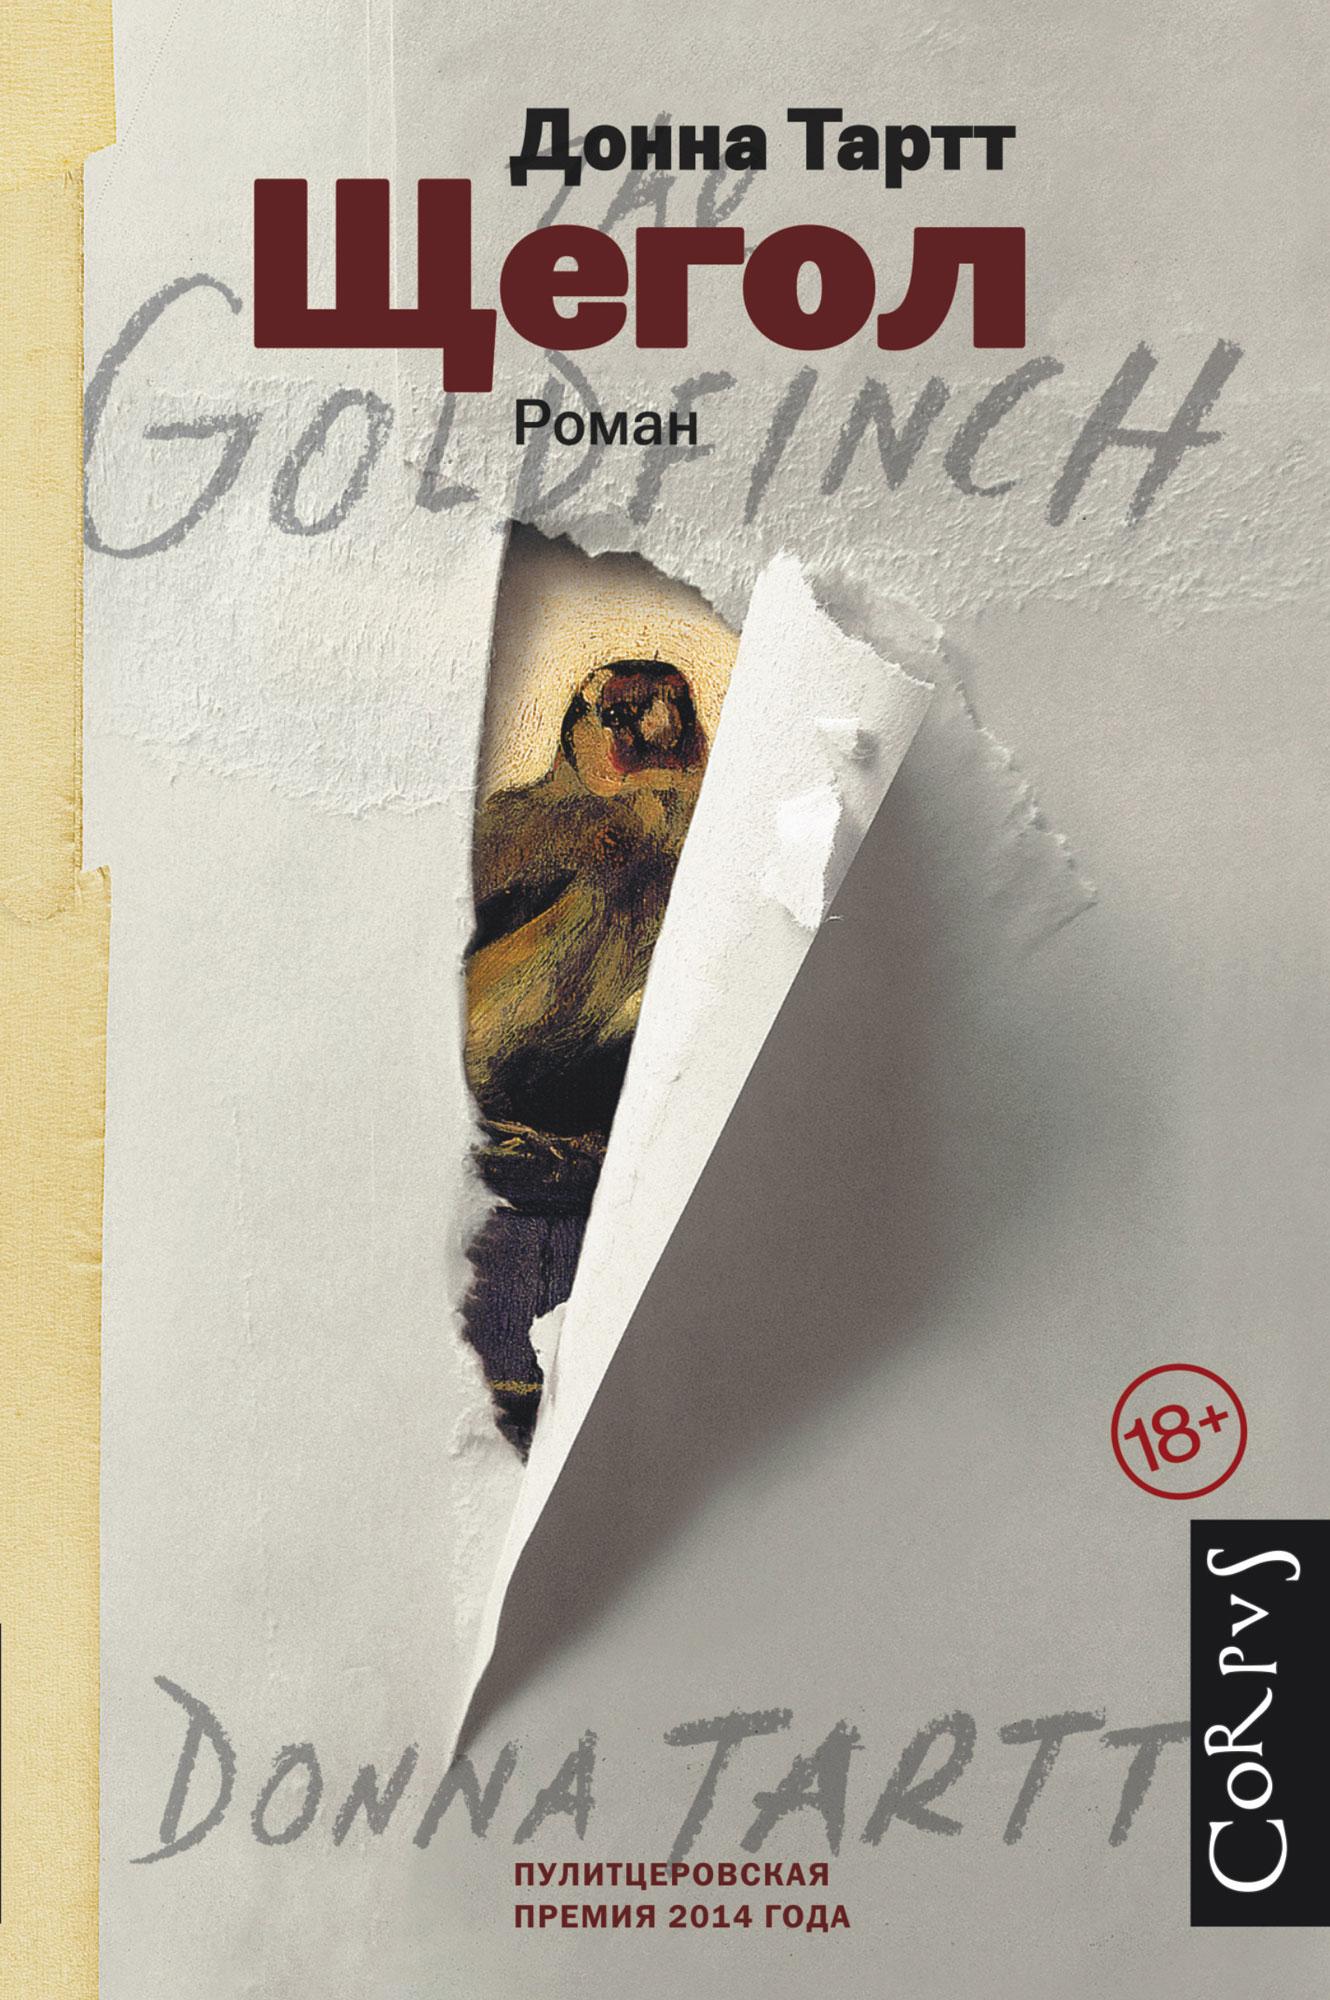 Книга Щегол